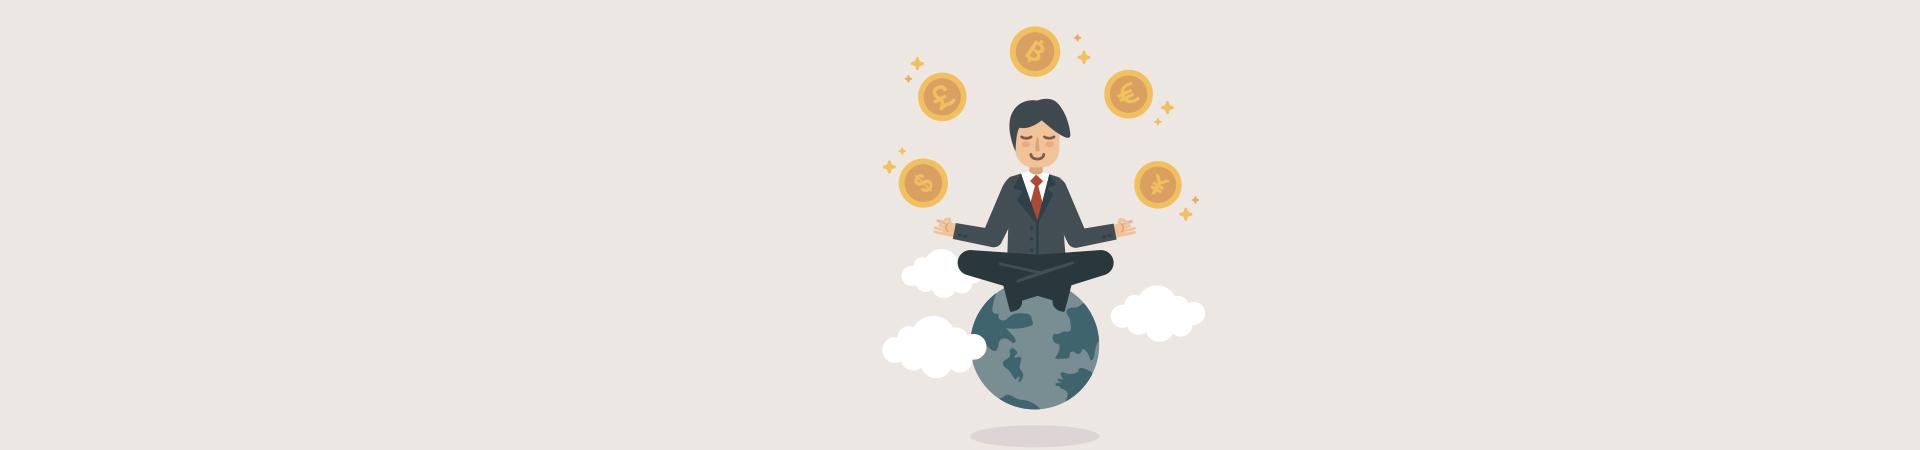 Sobre gurus, filósofos e marketing pessoal